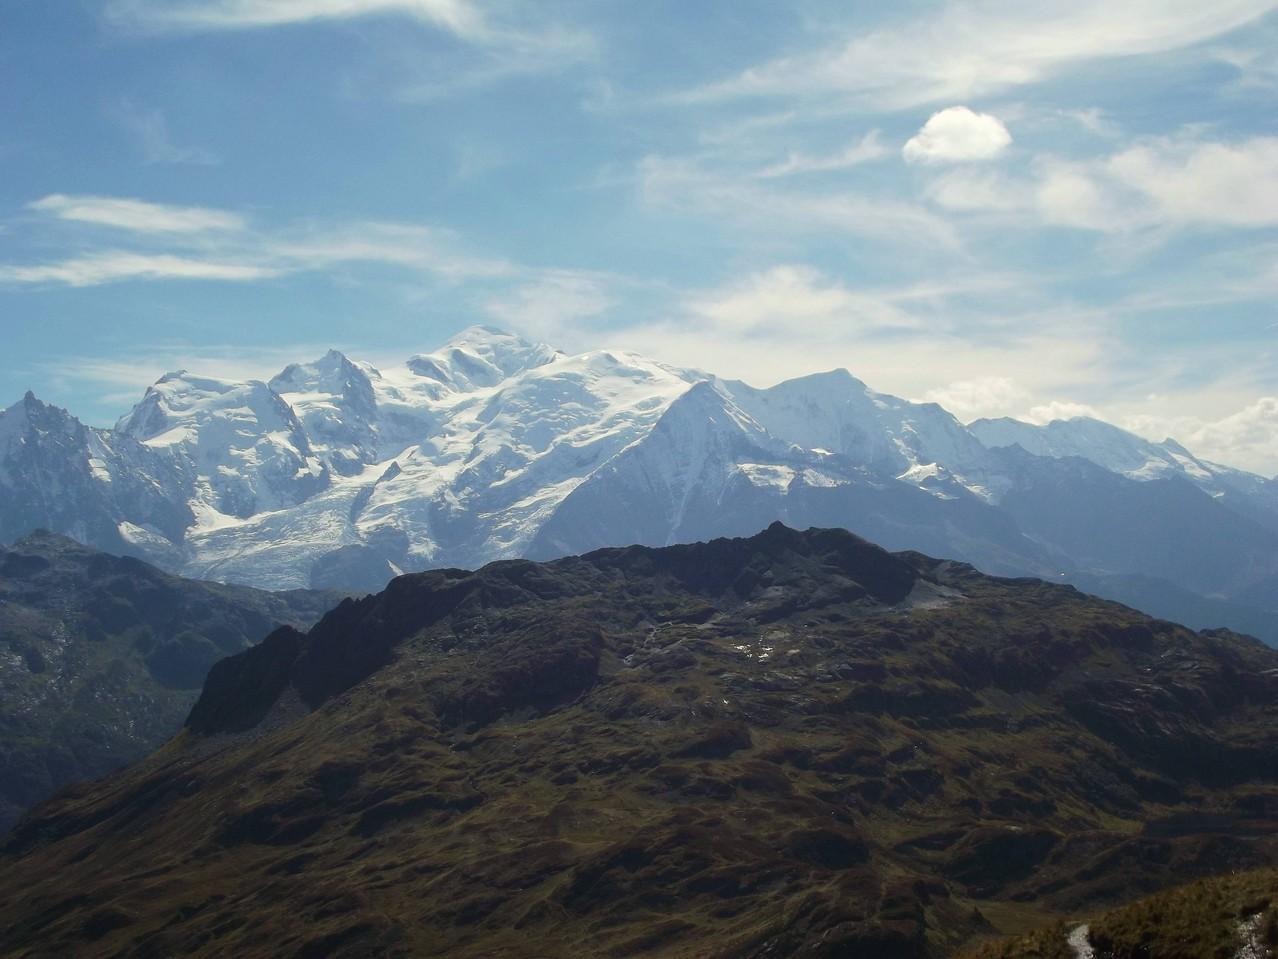 le mont blanc, toujours à contre jour ....